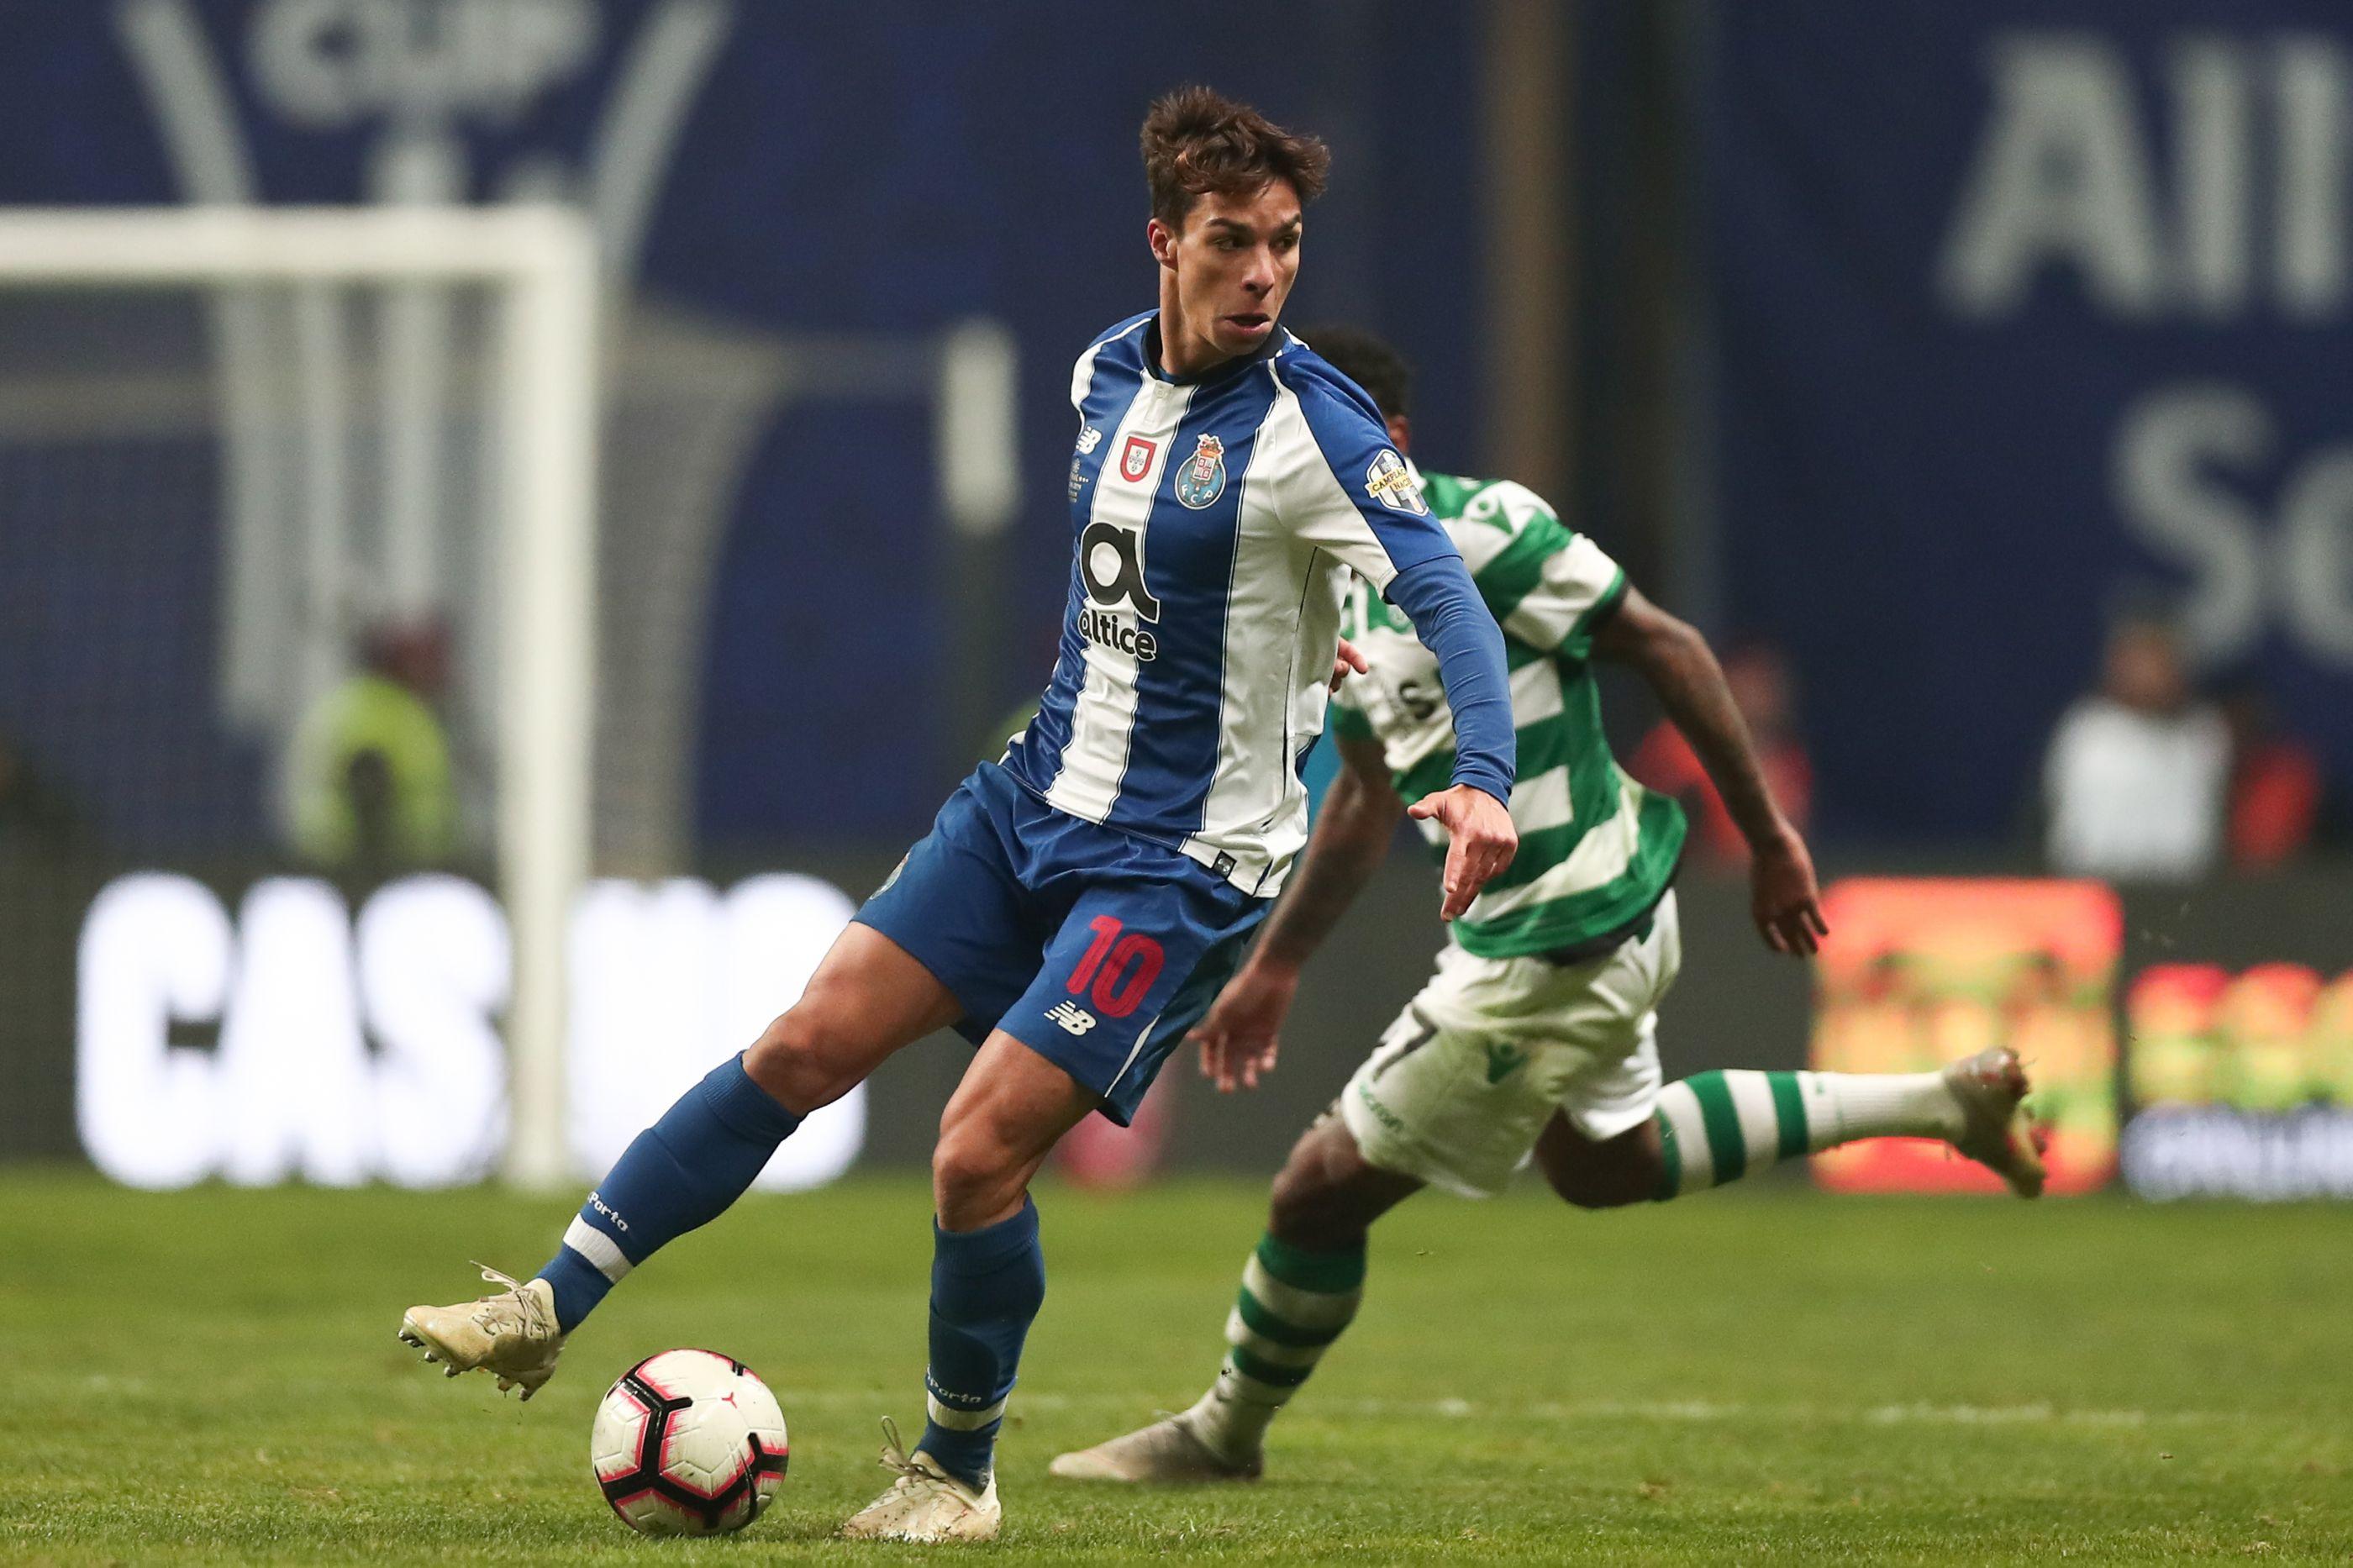 Óliver já reagiu à derrota na final com o Sporting